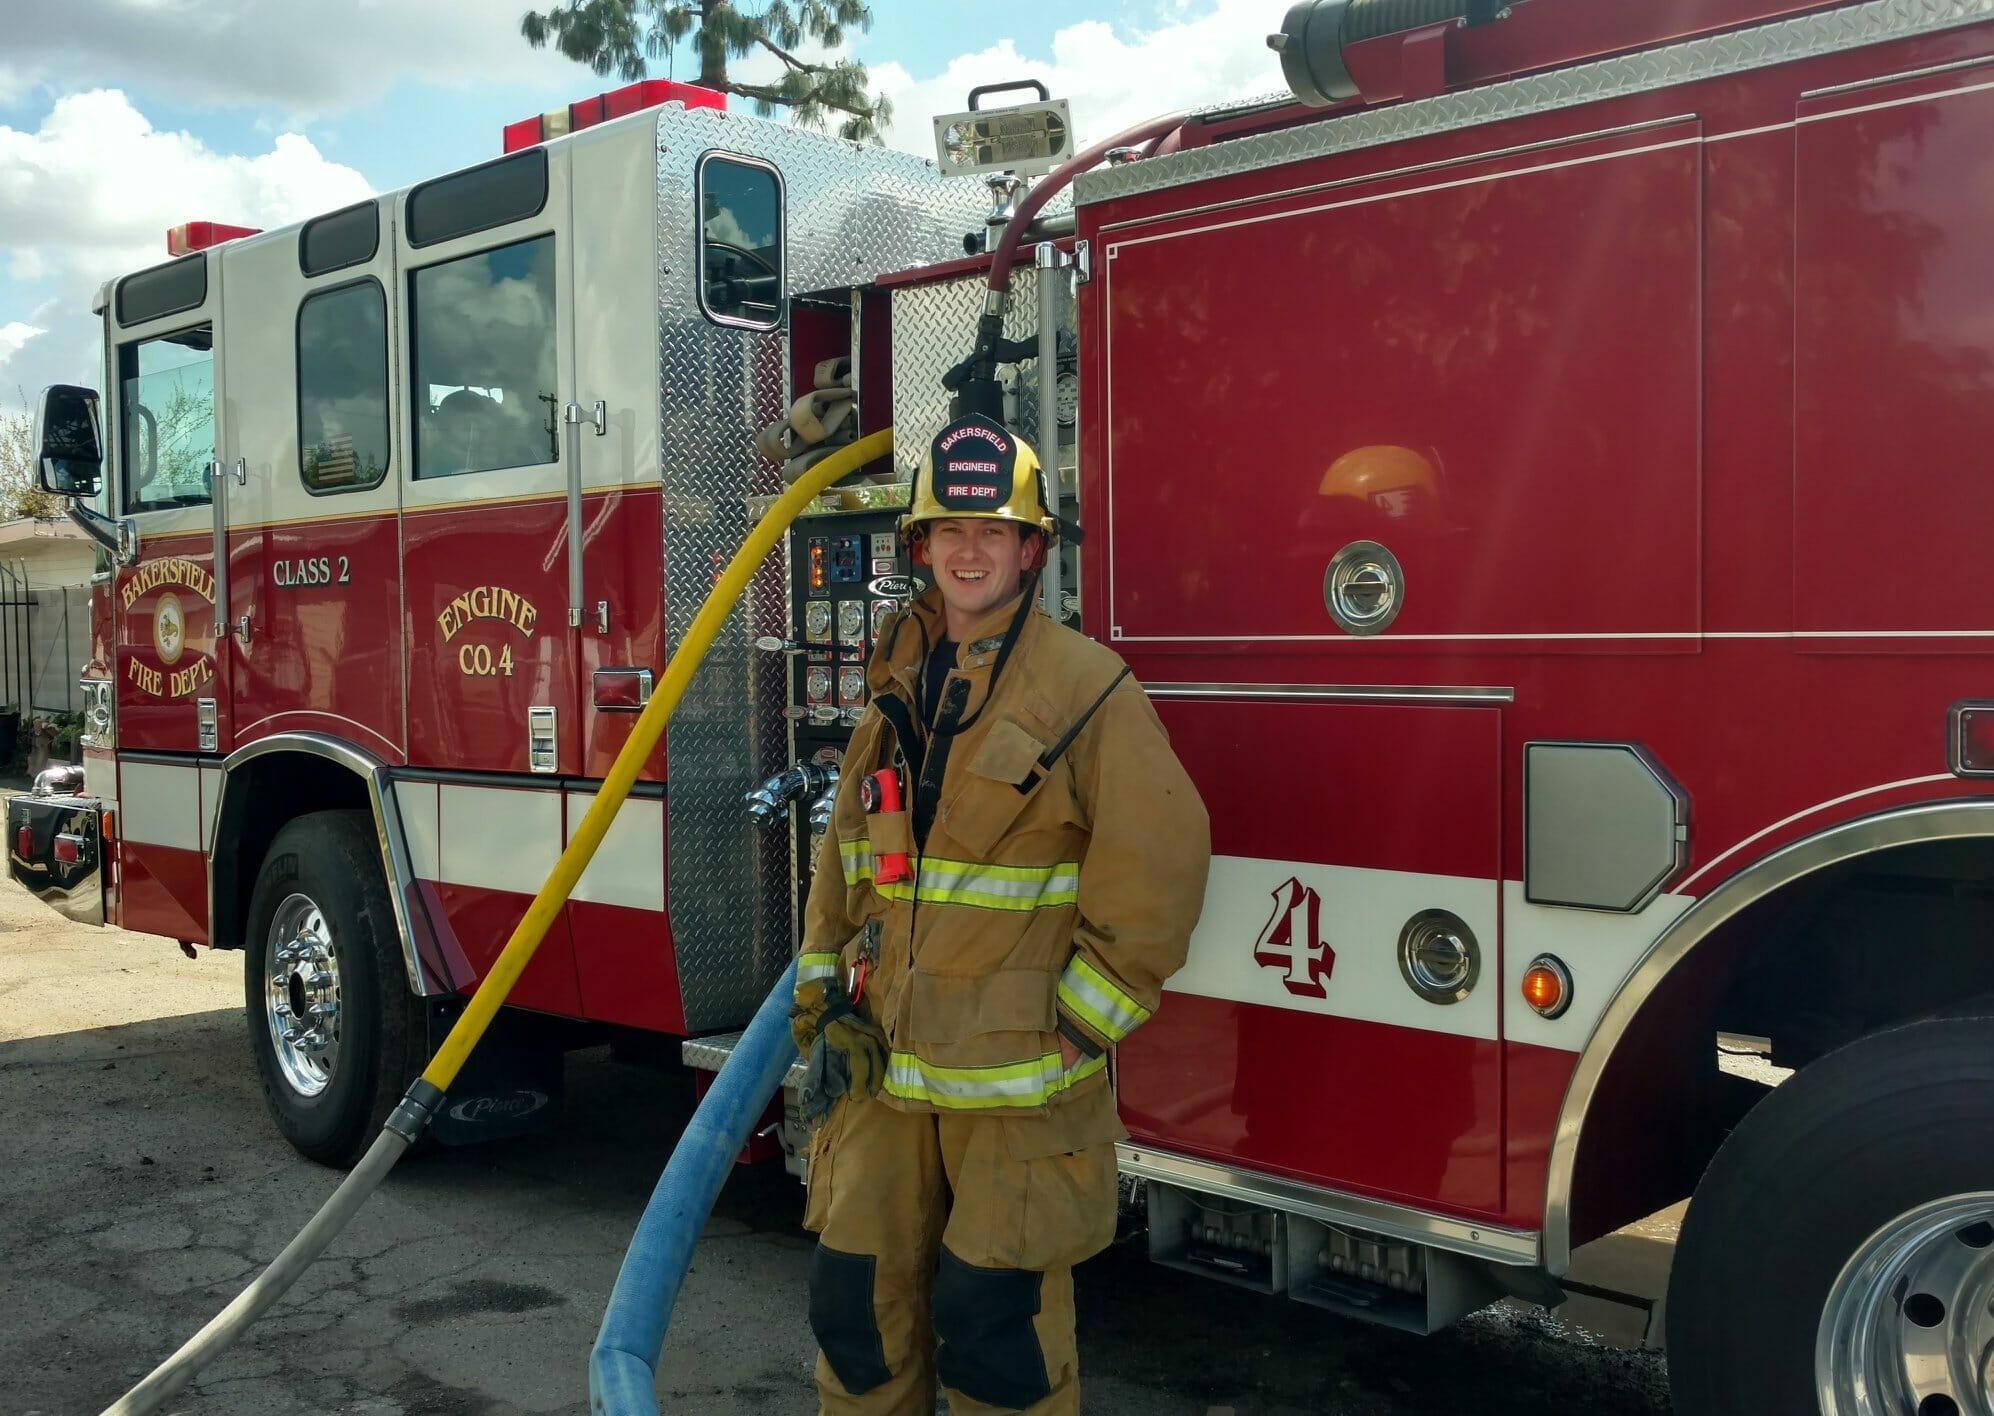 Na zdjęciu znajduje się strażak na tle wozu strażackiego